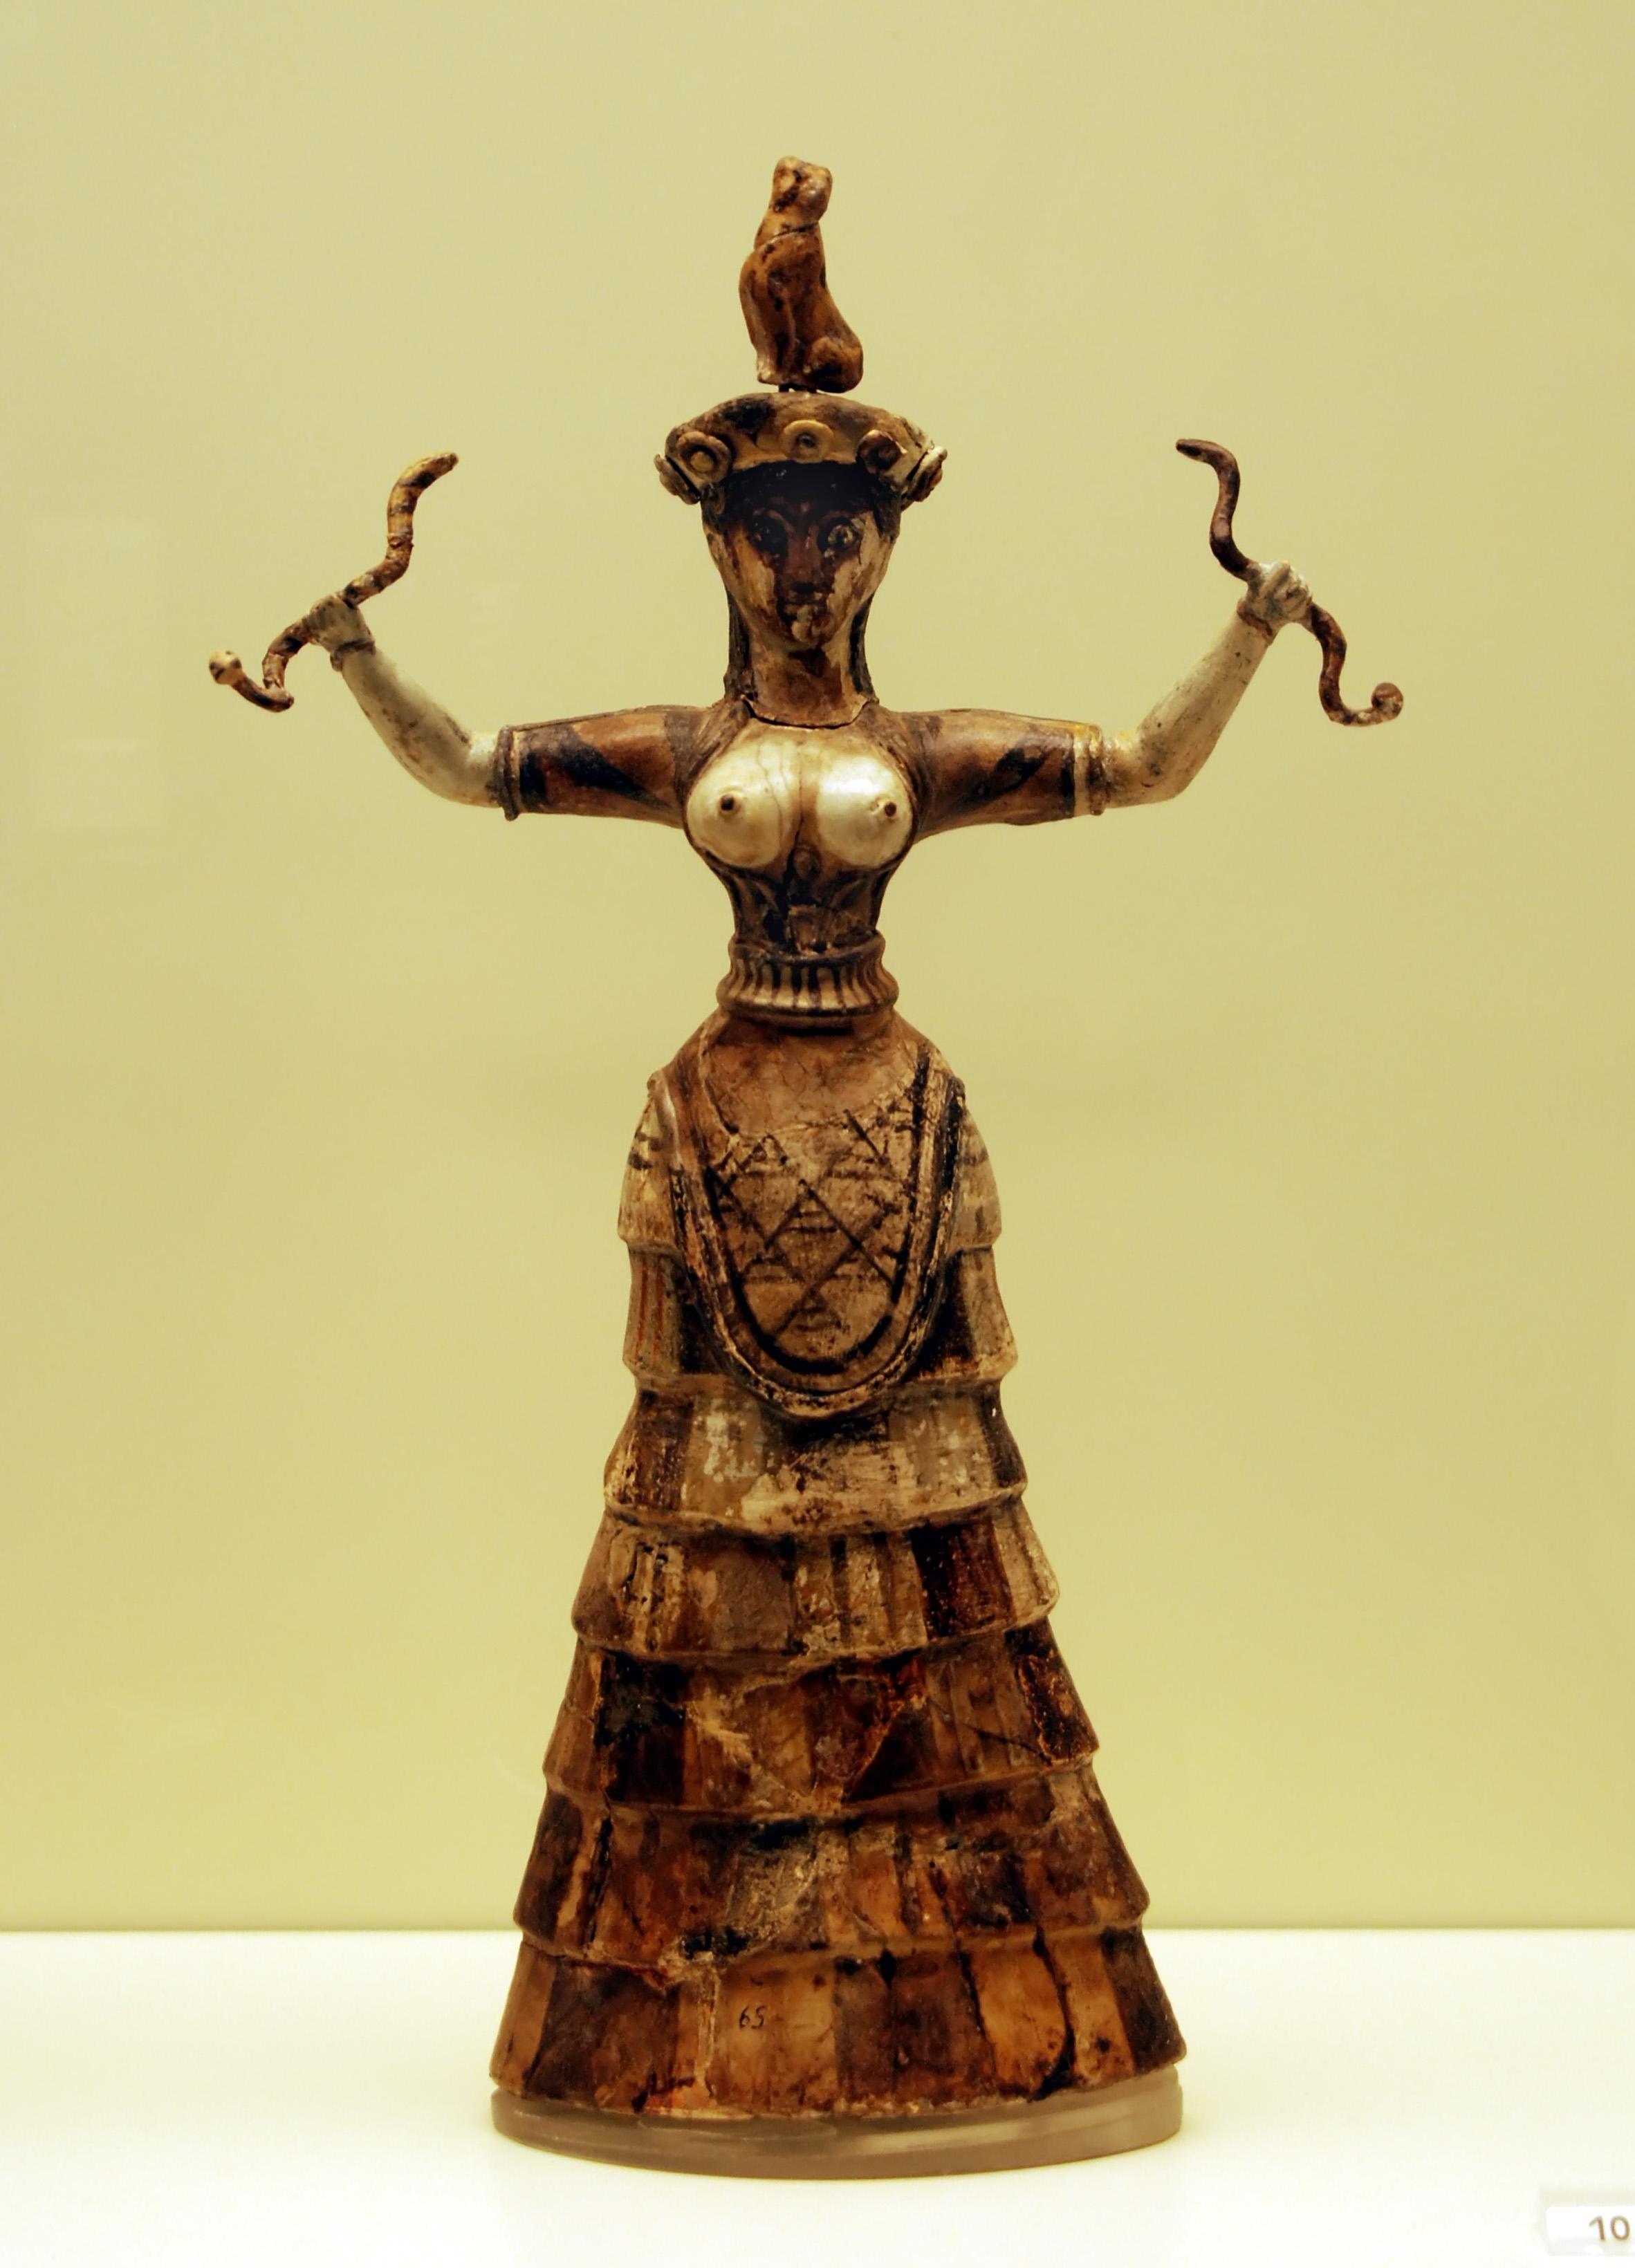 Minolainen käärmejumalatar Knossoksesta noin 1600 eaa, Photo by George Groutas CC Atribution 2.0 generic